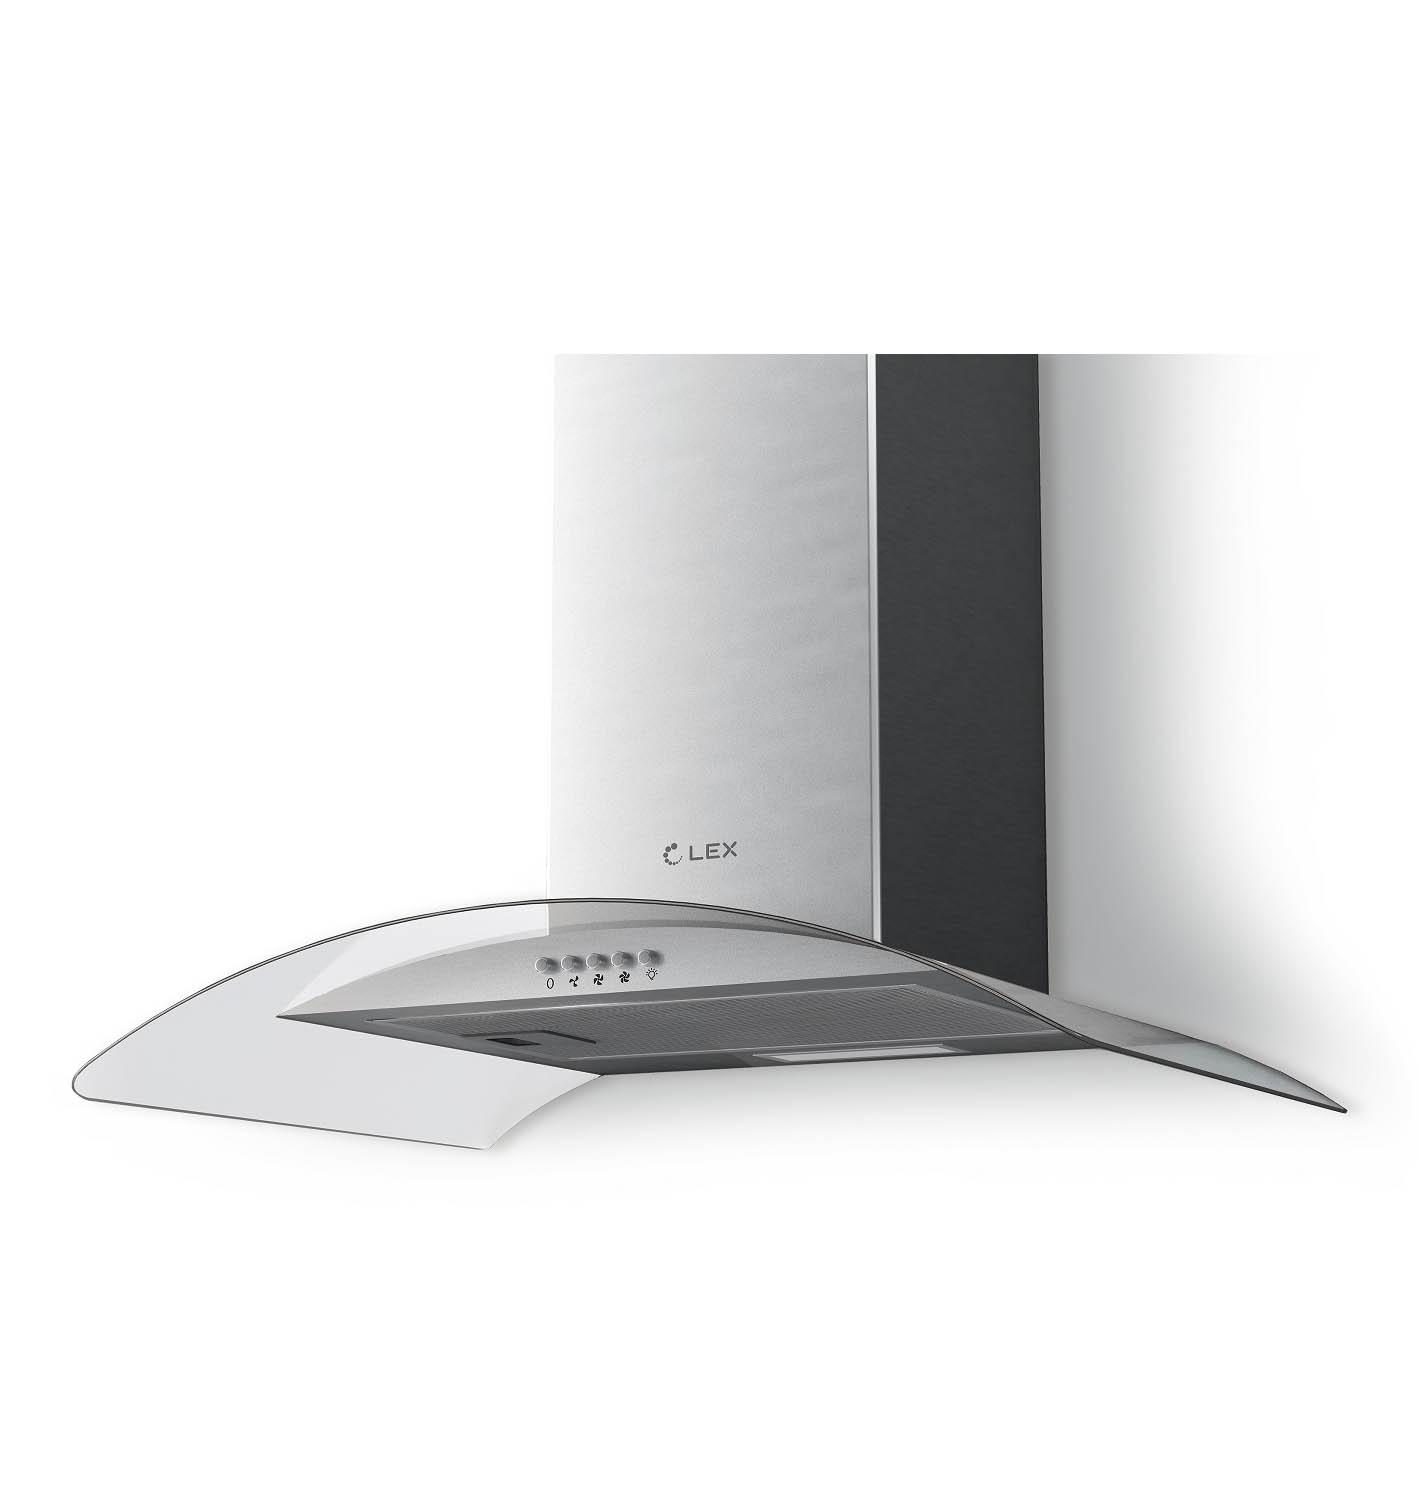 Декоративная вытяжка LEX PARIS N 600 INOX купить в СПБ